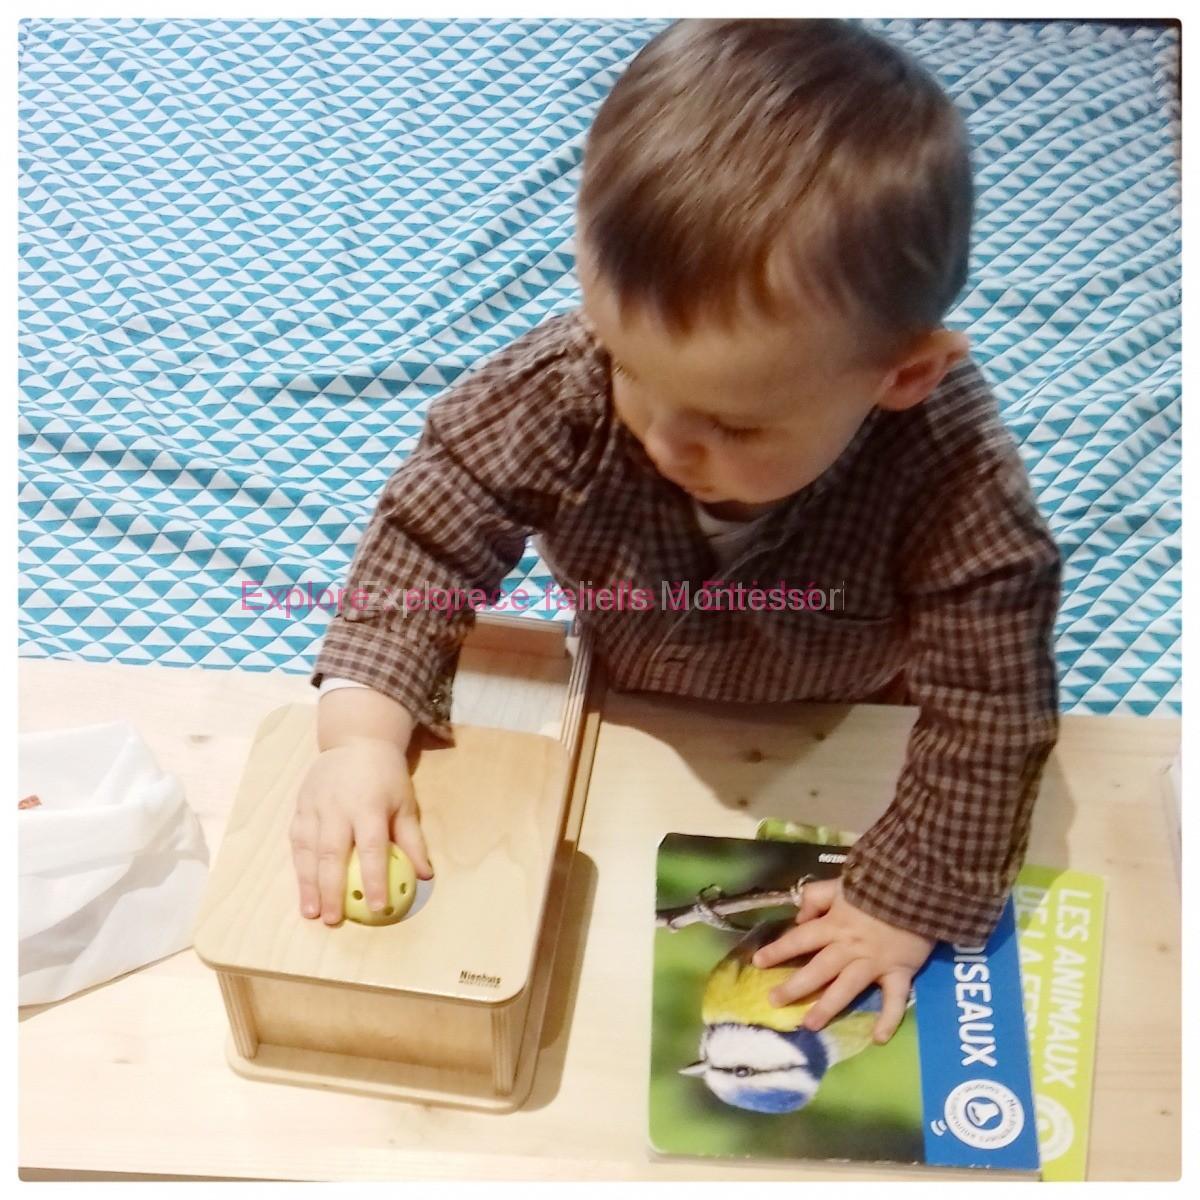 """Aux portes d'Angers, atelier Montessori """"parent-enfant"""""""